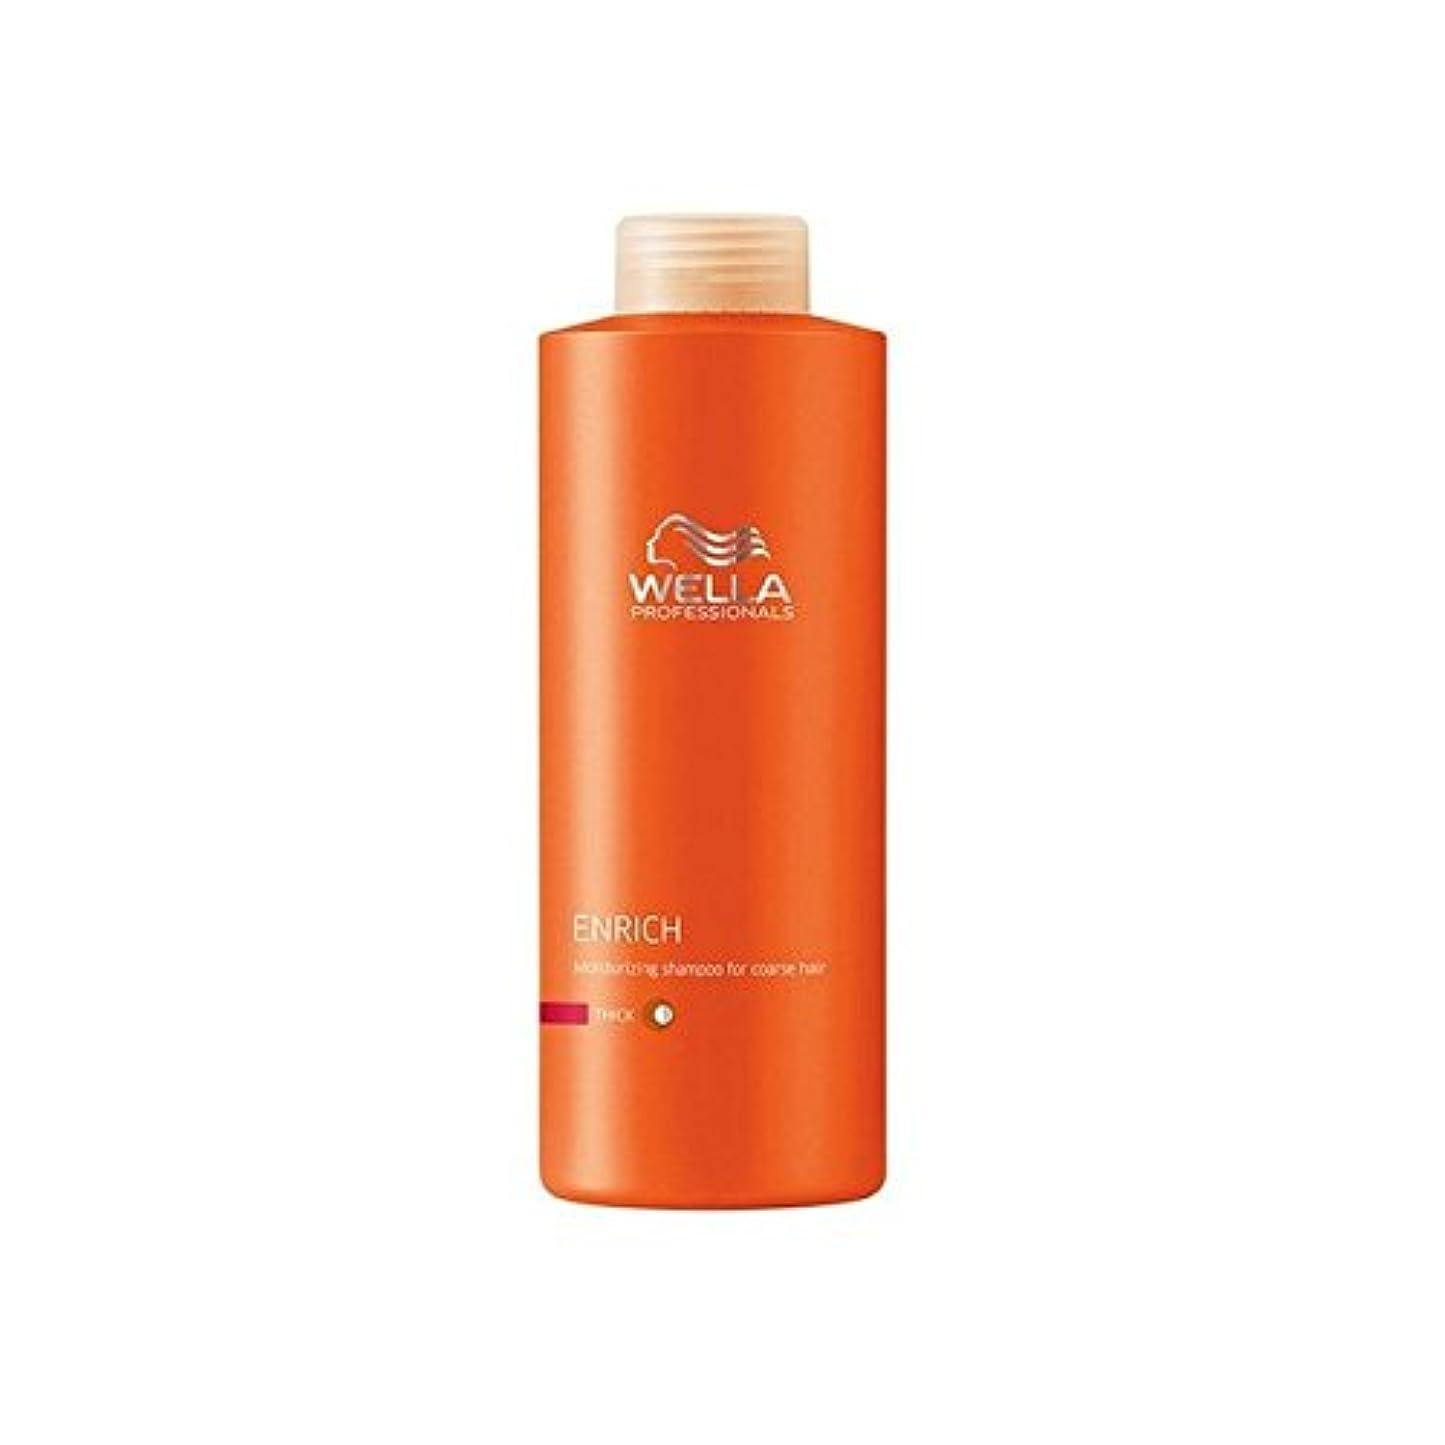 廊下討論土曜日ウェラの専門家は粗いシャンプー(千ミリリットル)を豊かに x2 - Wella Professionals Enrich Coarse Shampoo (1000ml) (Pack of 2) [並行輸入品]